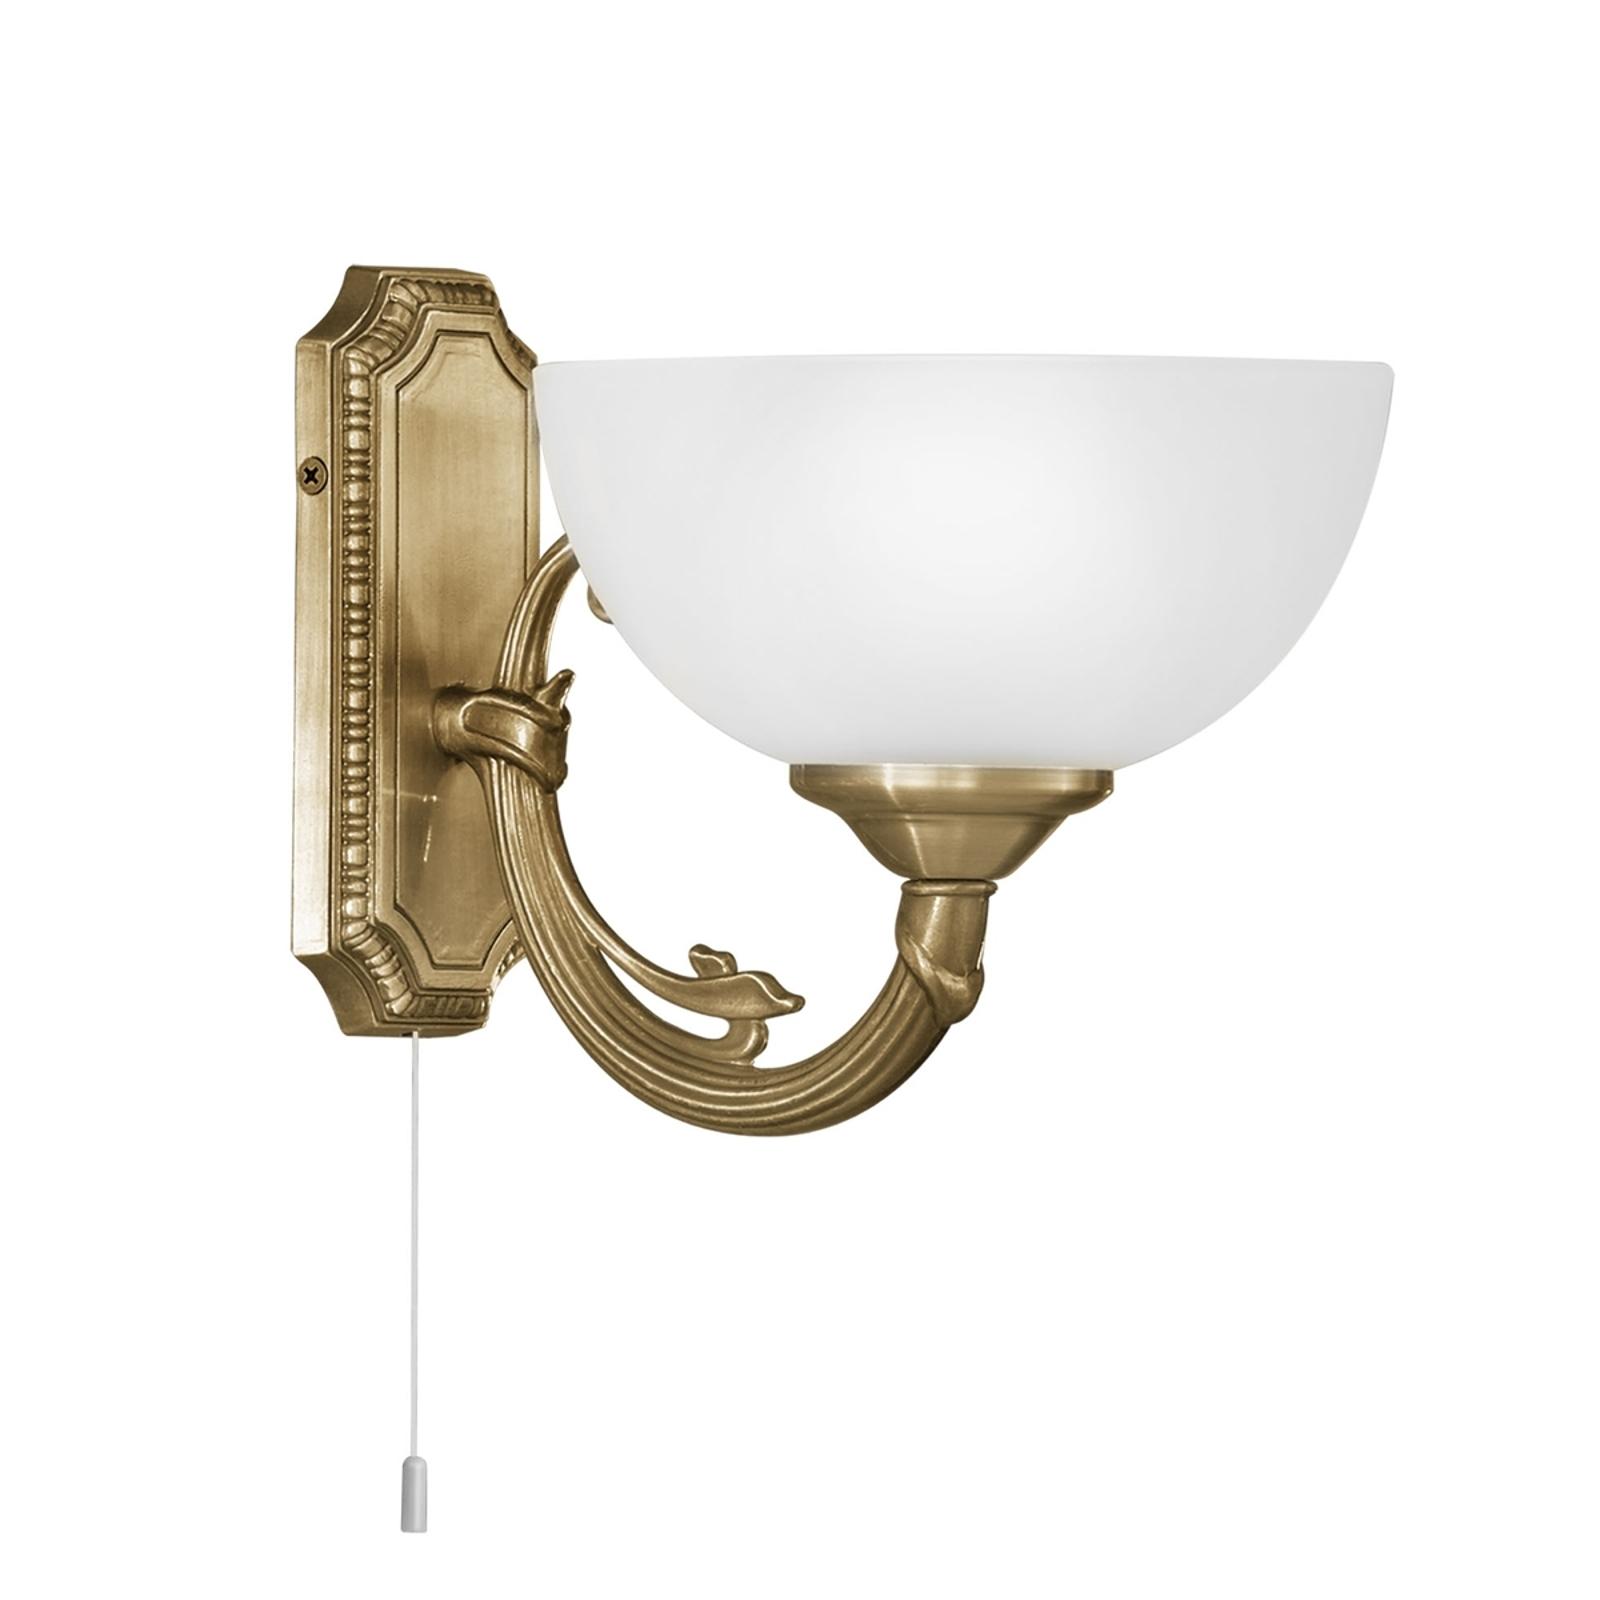 Nástenná lampa Savy, jedno svetlo_3001140_1